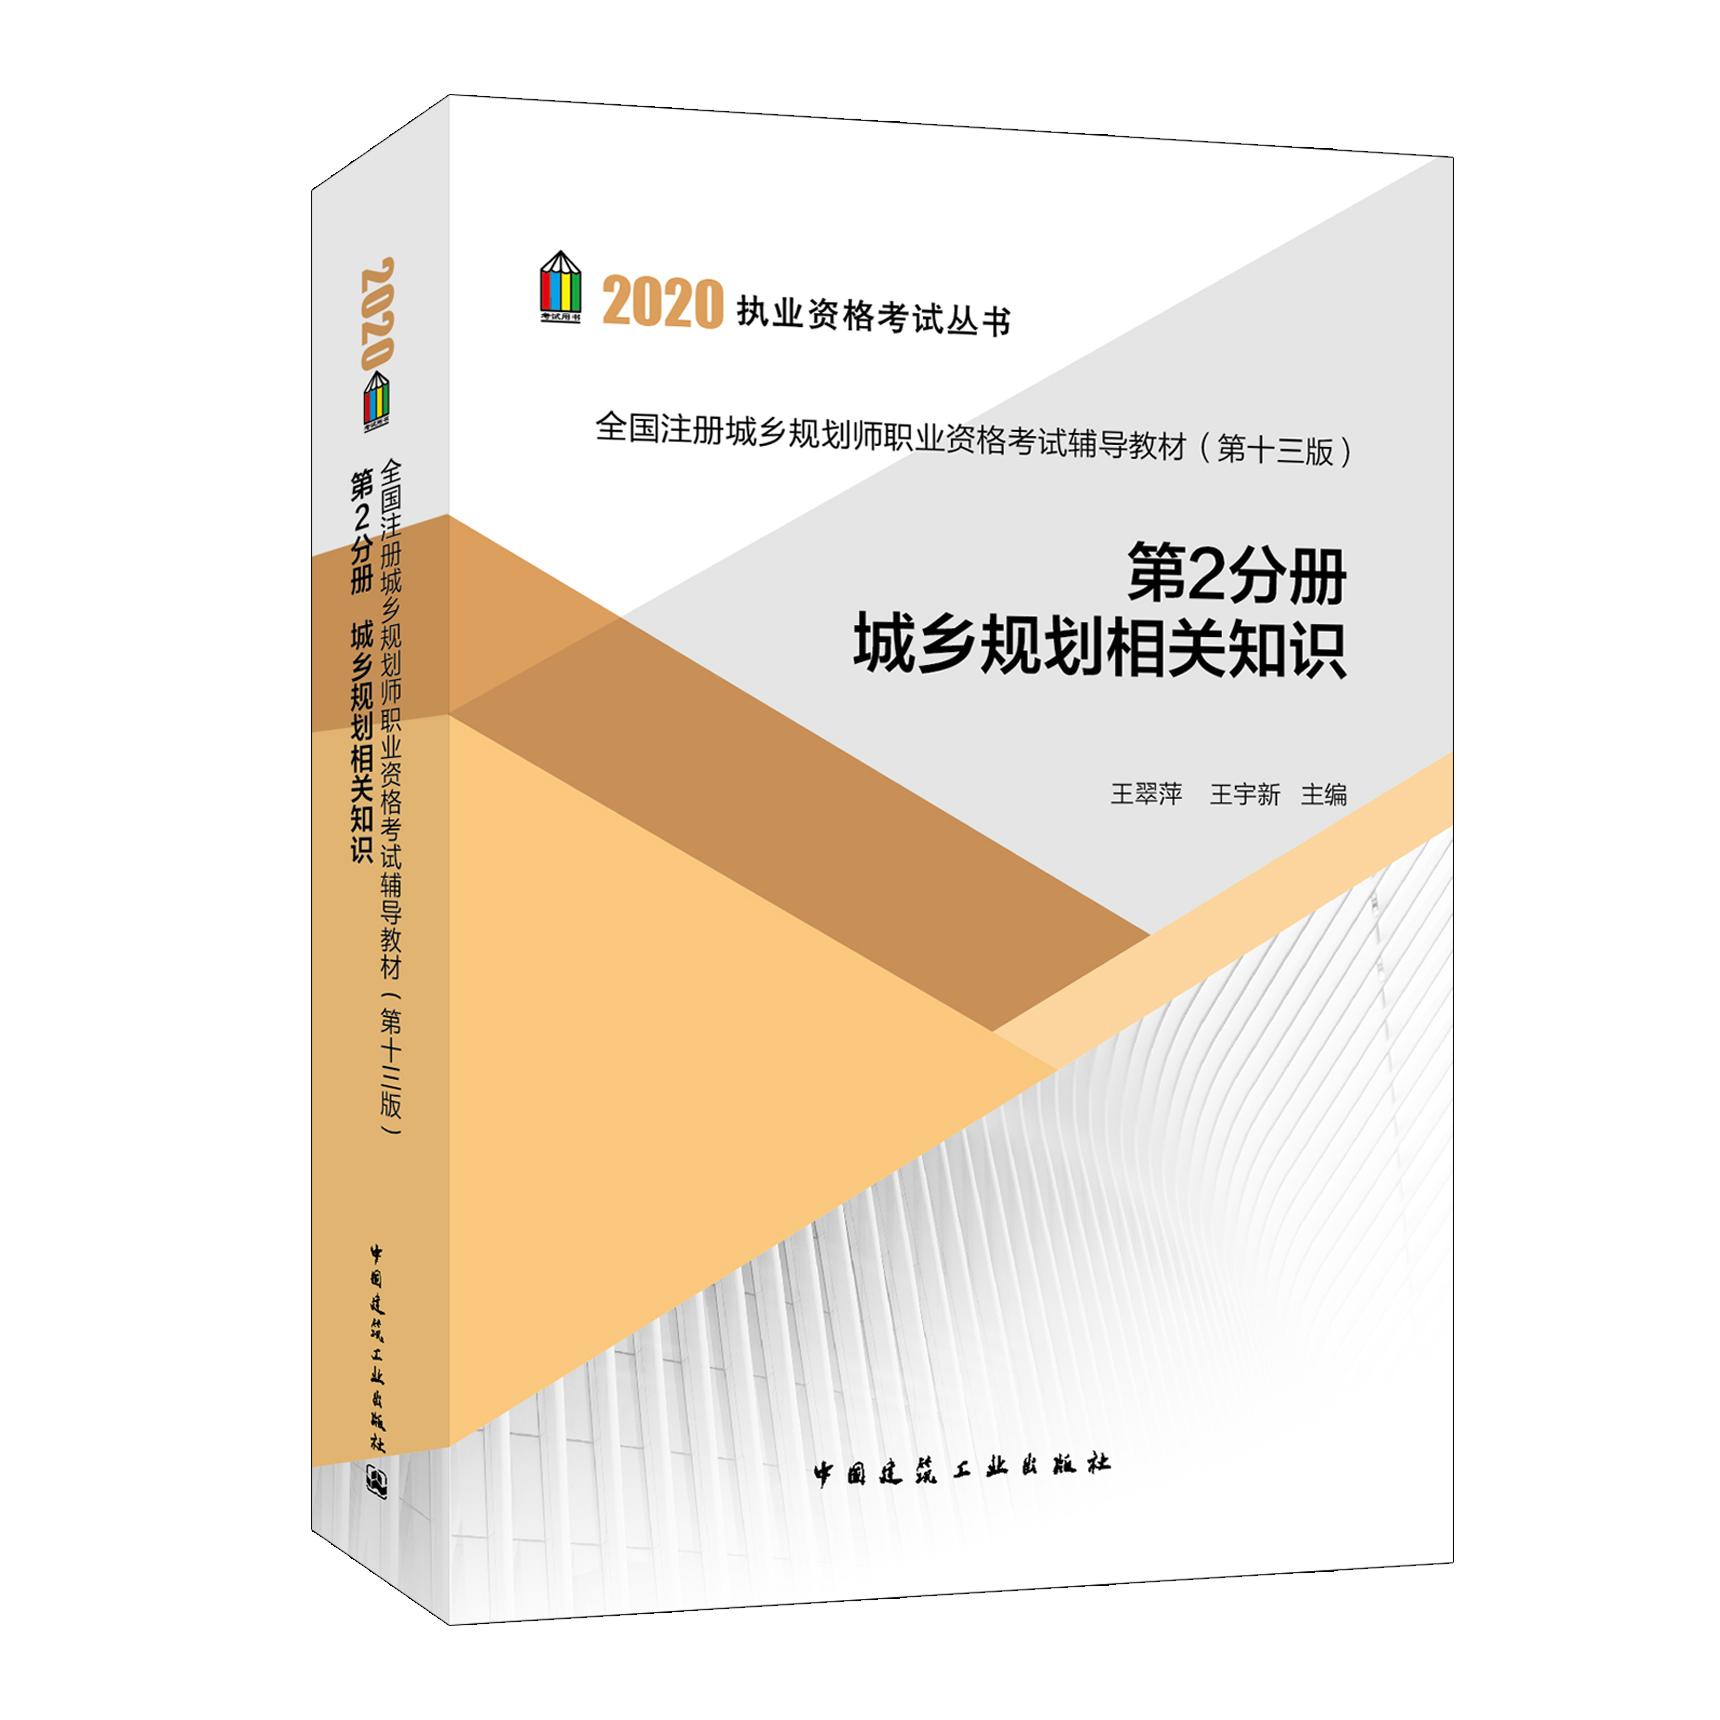 2020年注册城乡规划师考试辅导教材 第2分册 城乡规划相关知识 第十三版